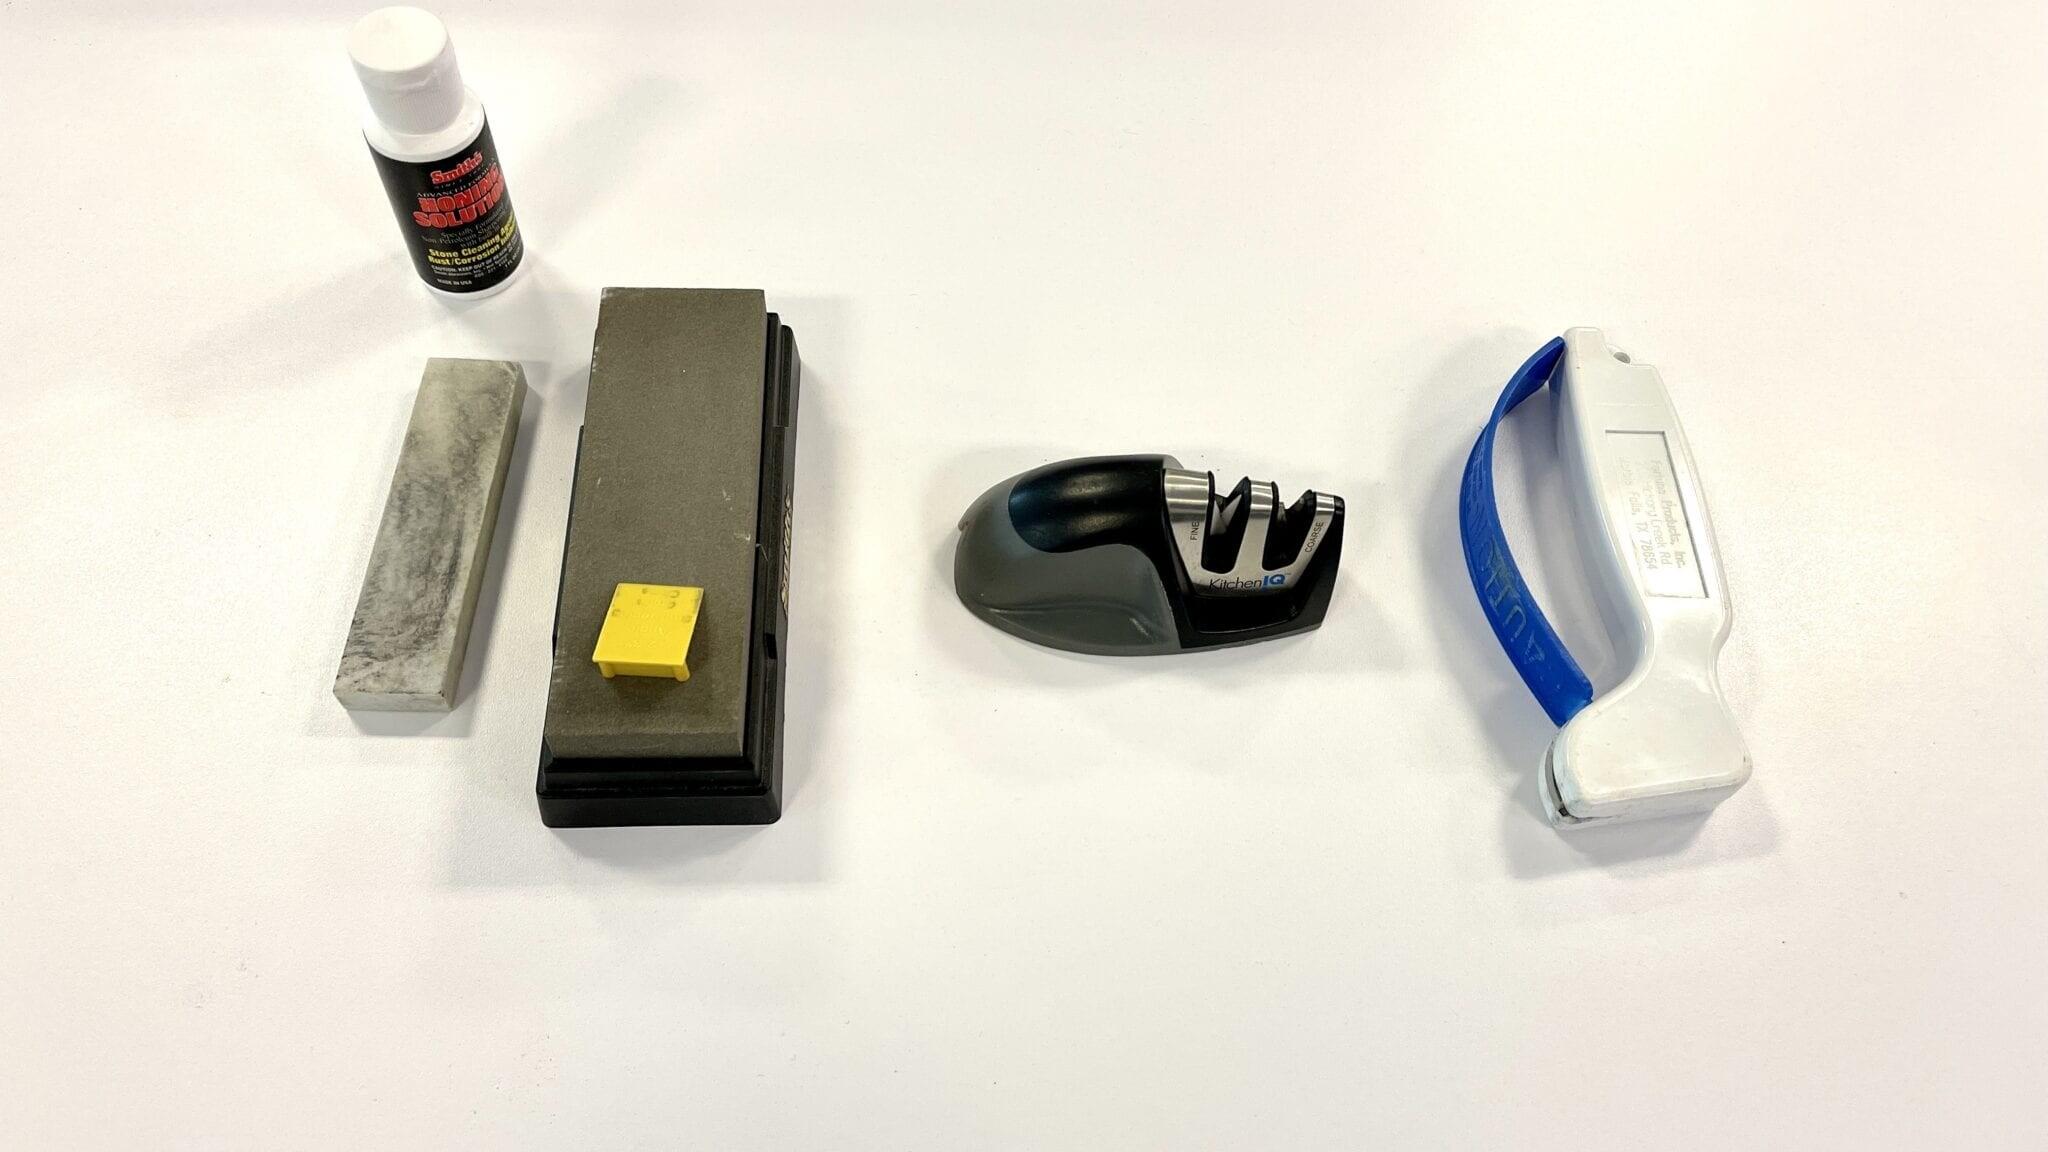 an assortment of blade sharpeners